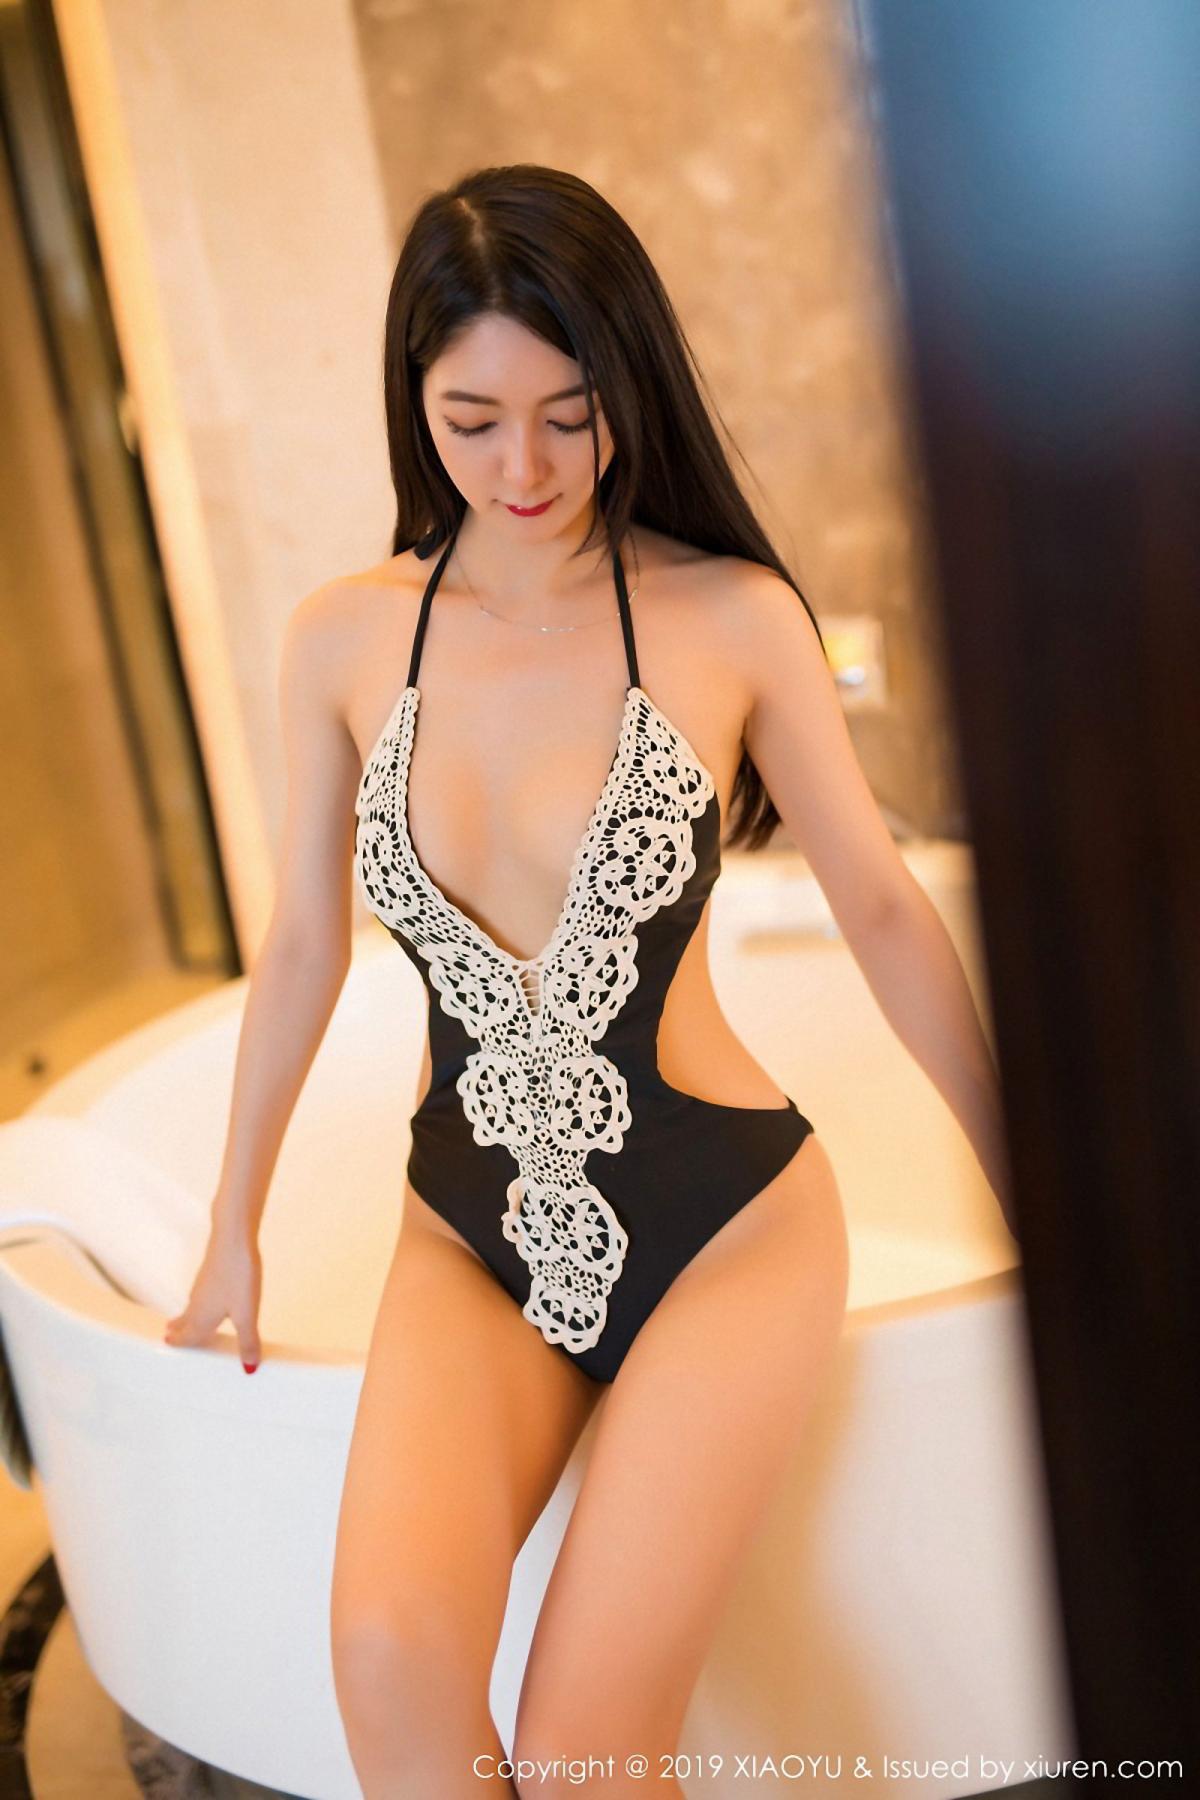 [XiaoYu] Vol.046 Angela Xi Huan Mao 7P, Di Yi, Tall, Underwear, XiaoYu